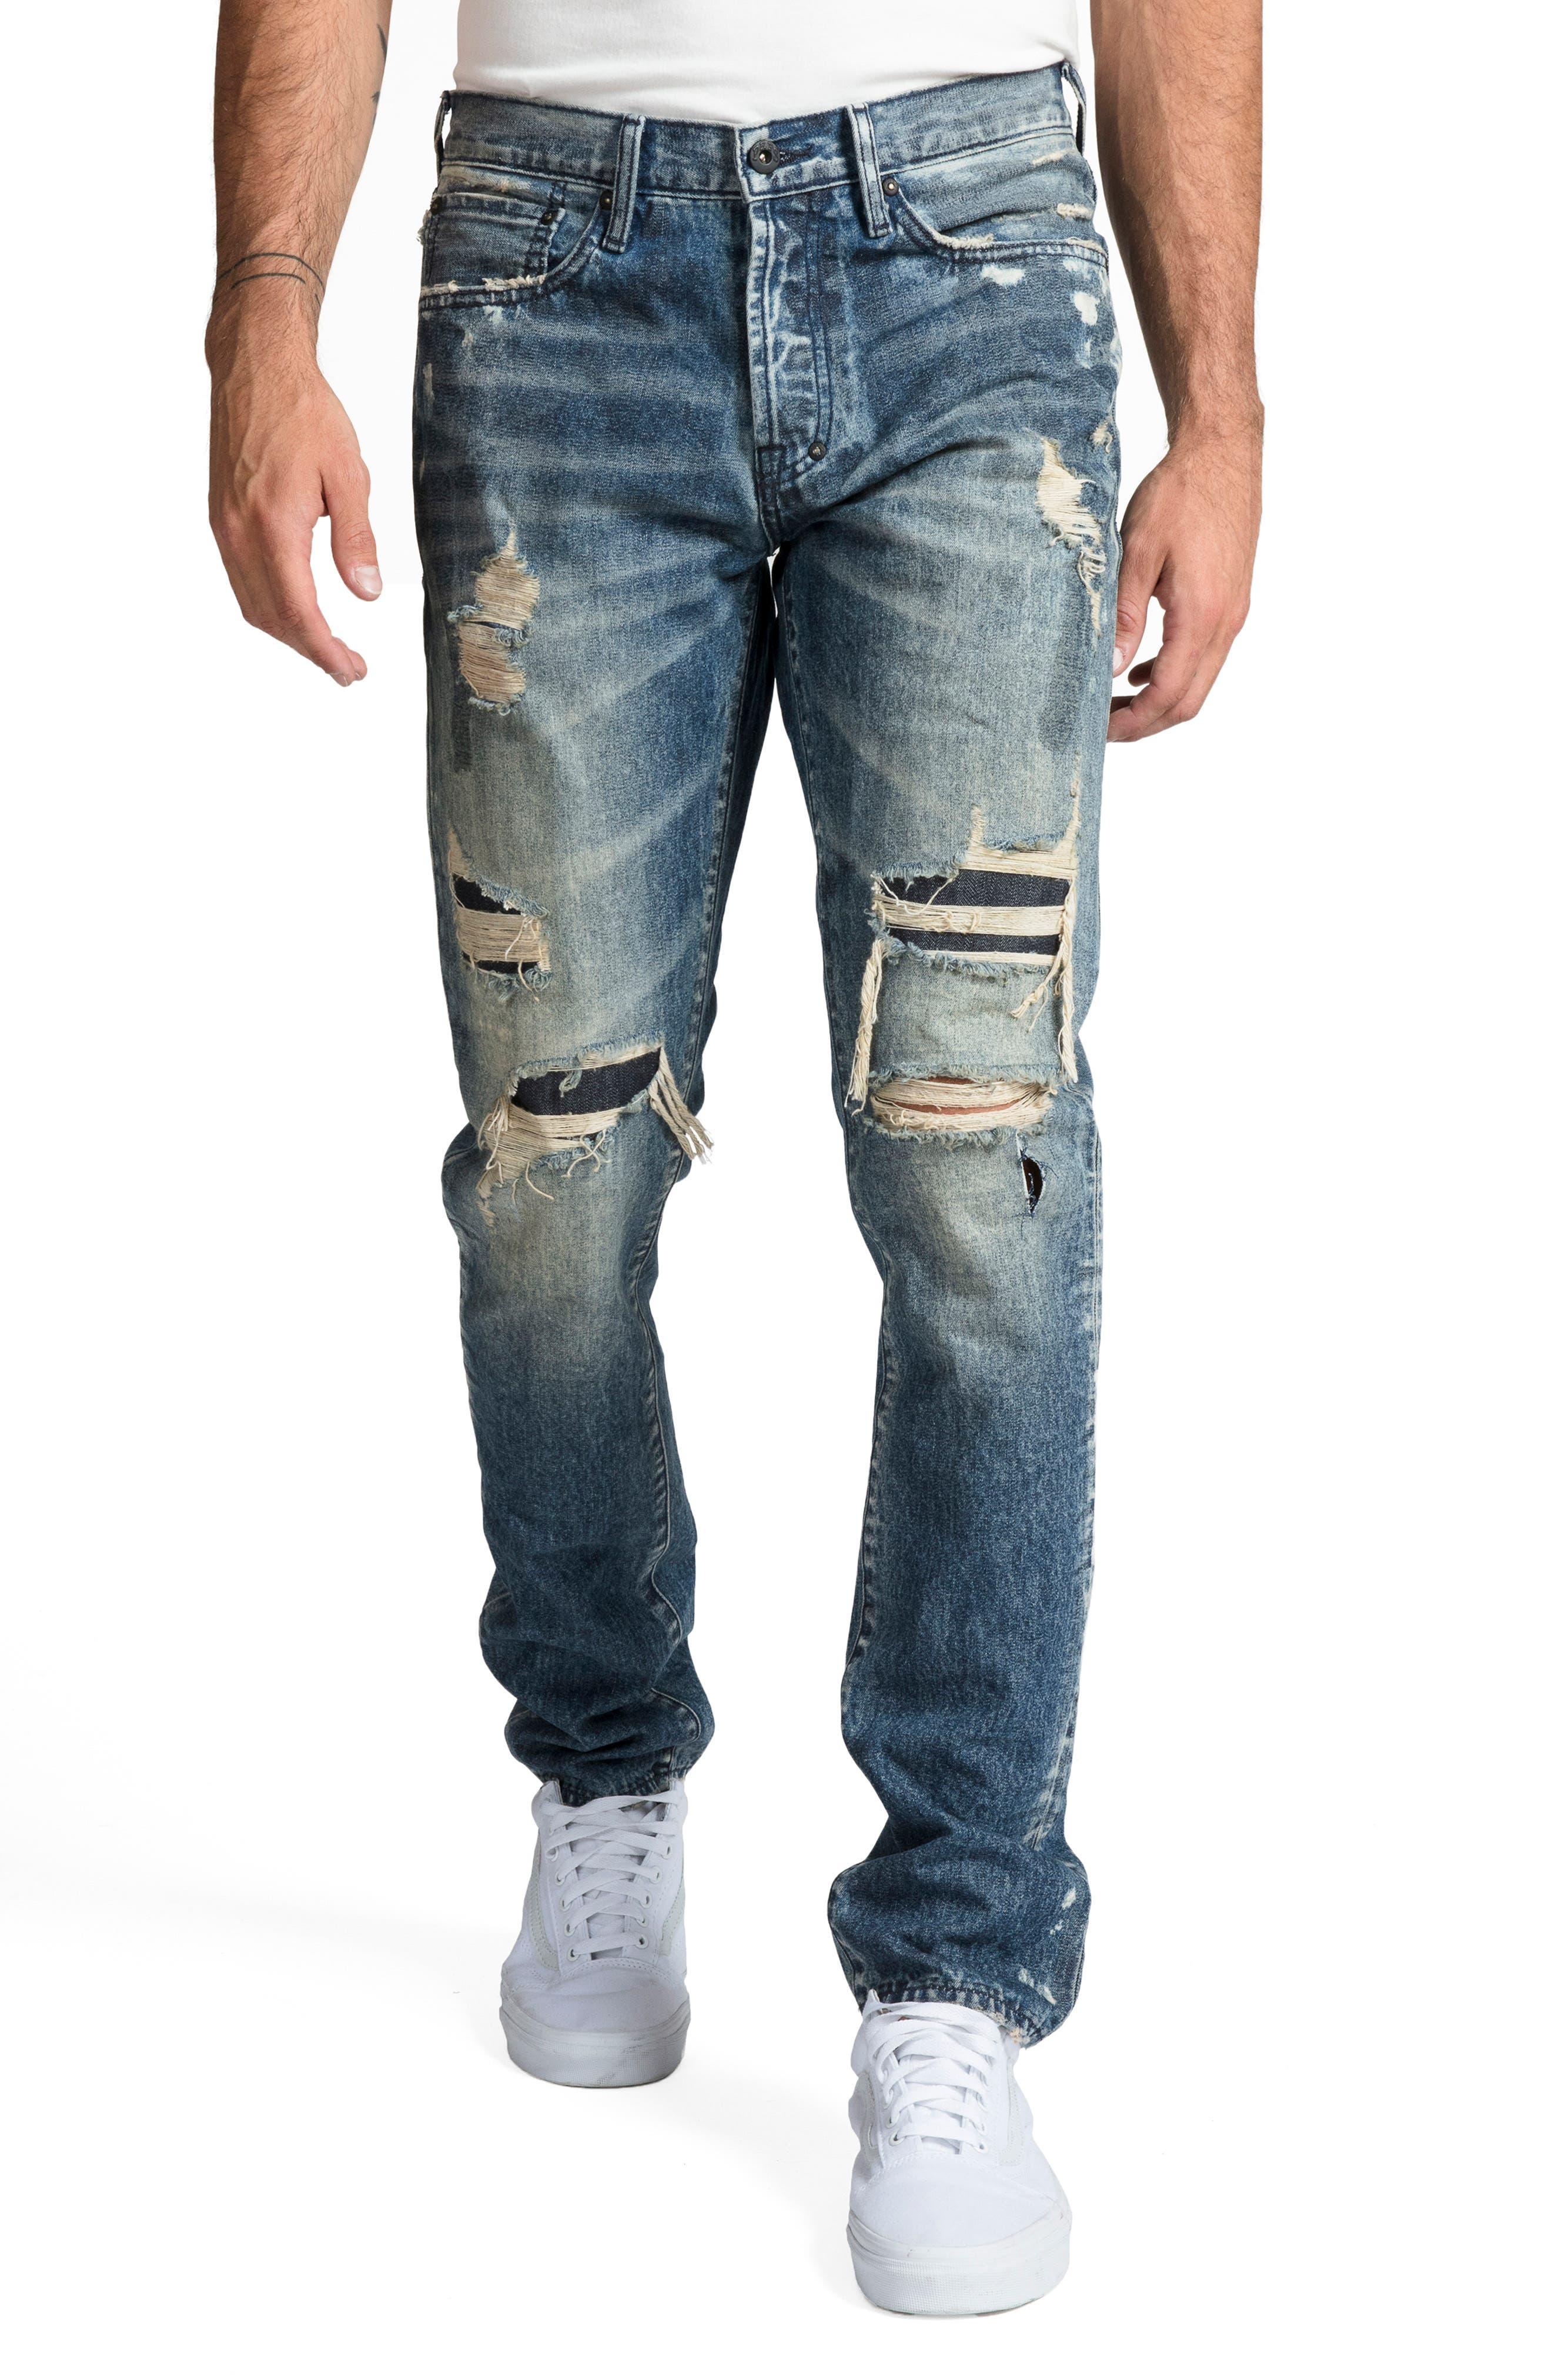 Le Sabre Slim Fit Jeans,                             Main thumbnail 1, color,                             MELODIC